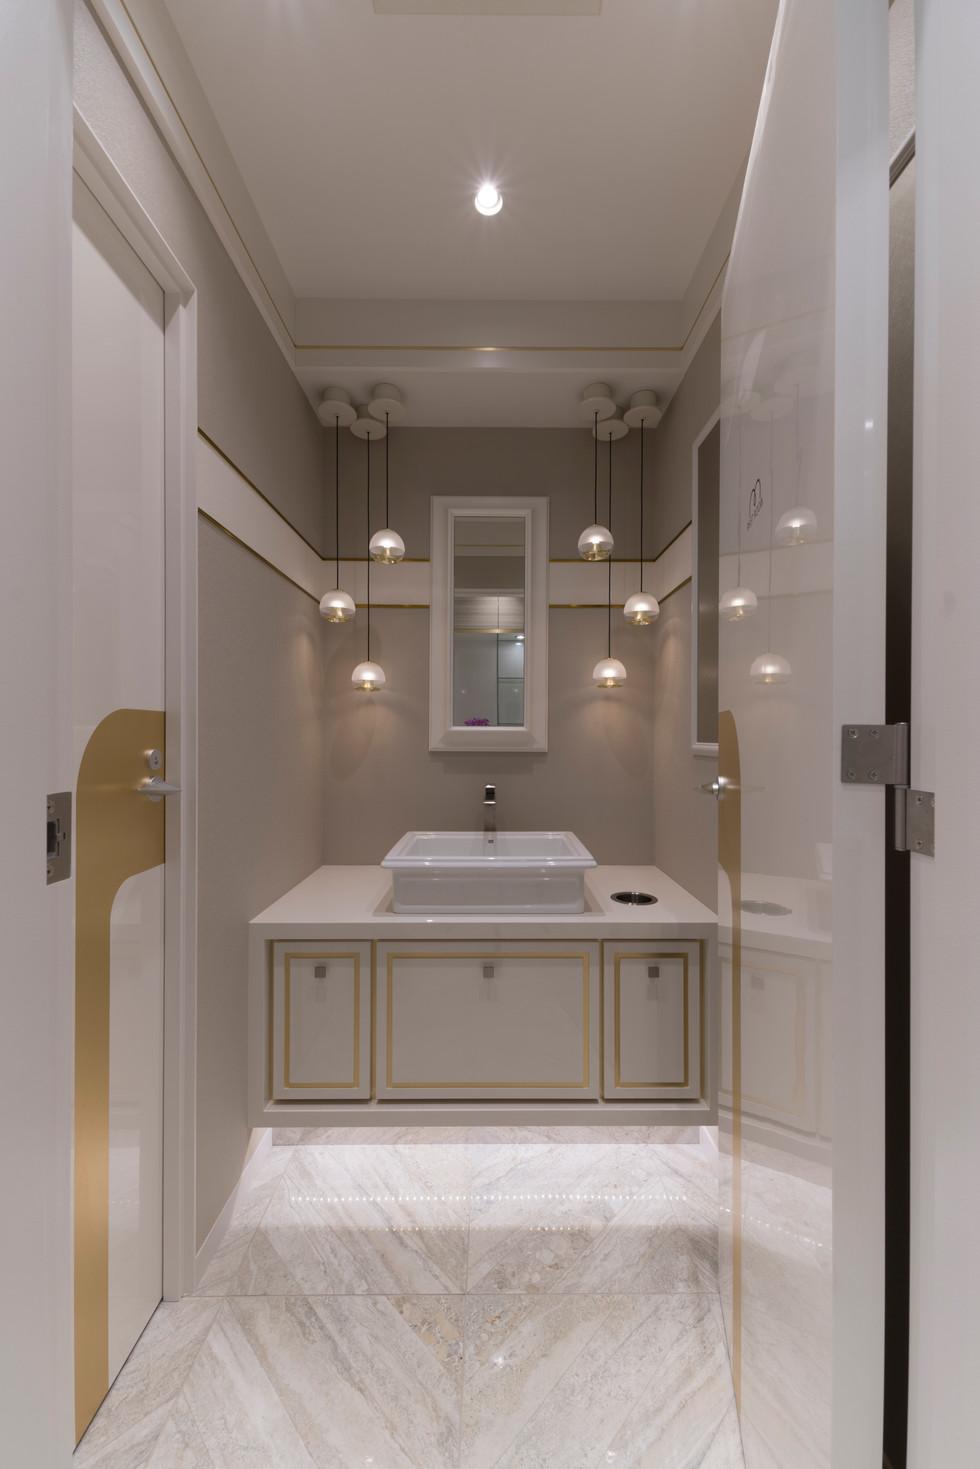 ゲンズデンタルオフィス1F|エーハンドデザイン株式会社 歯科内装デザイン設計